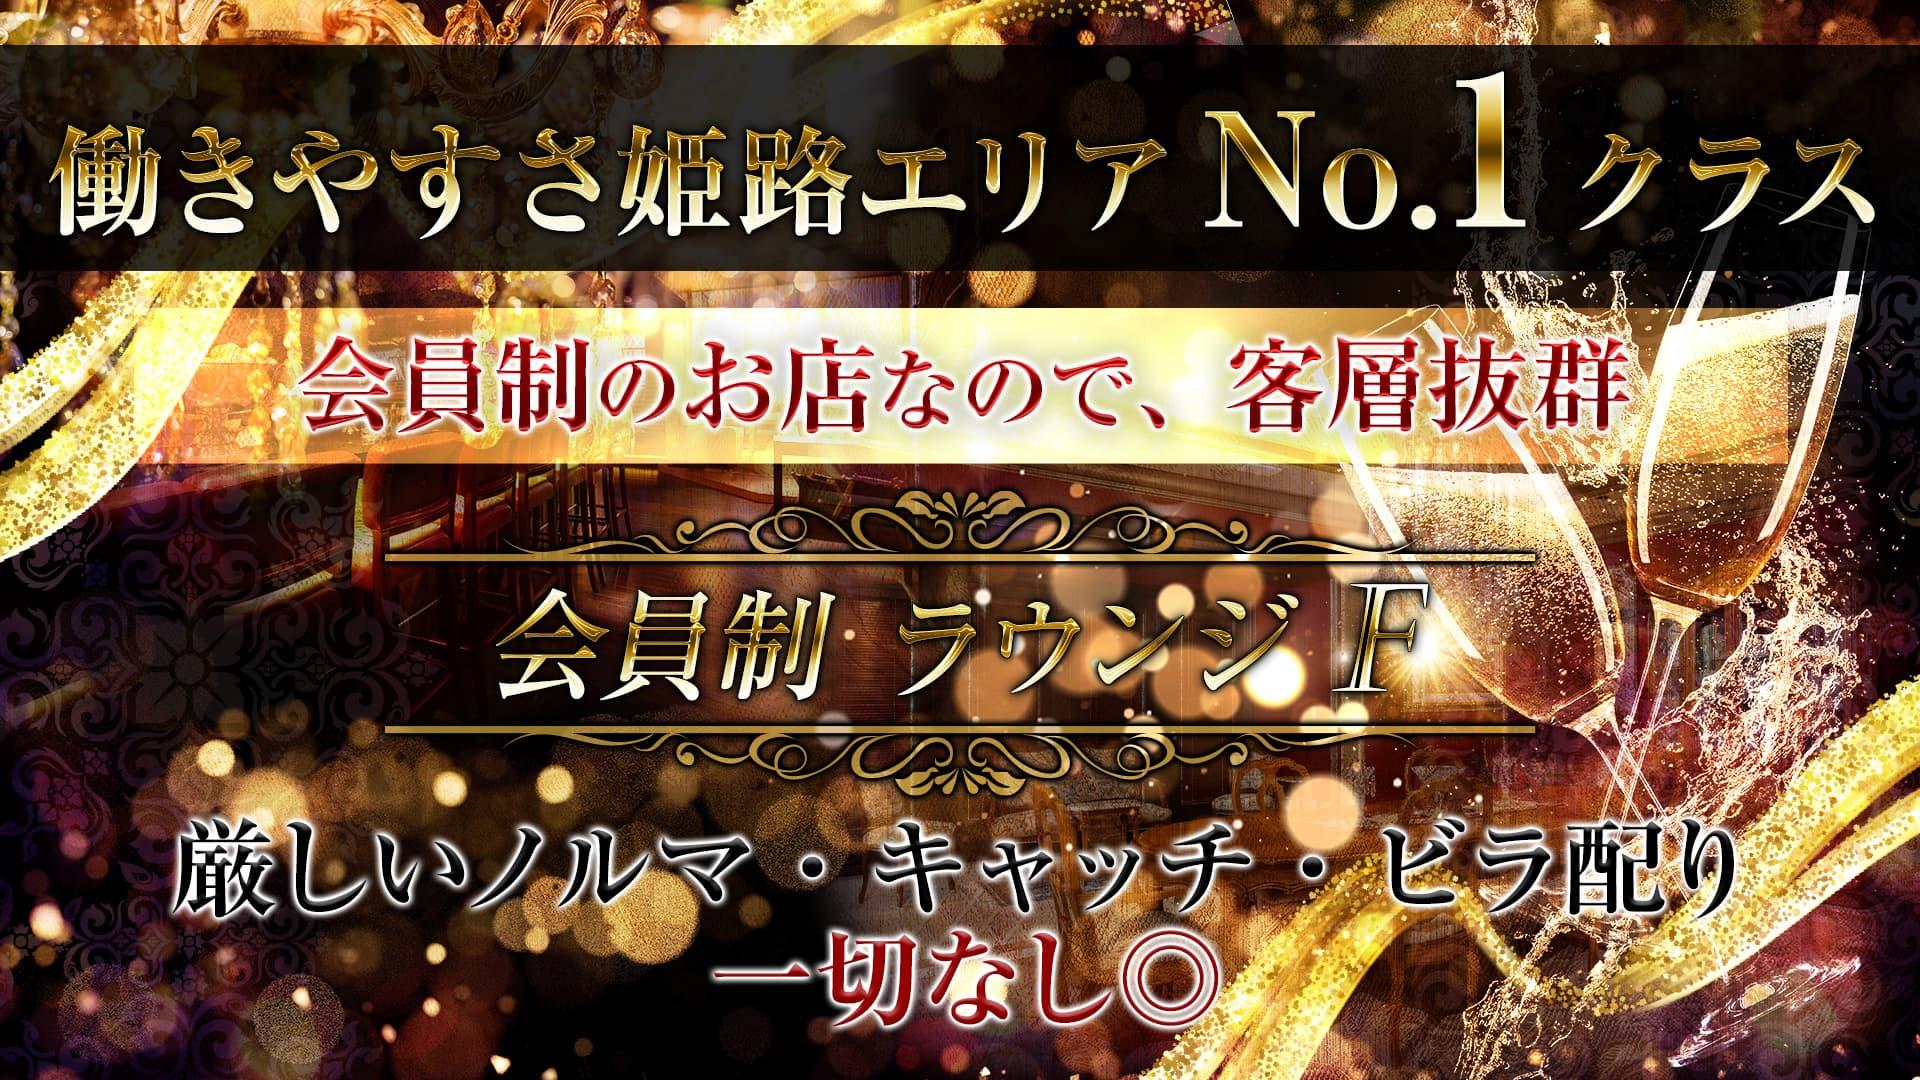 会員制ラウンジ F(エフ)【公式求人・体入情報】 姫路ラウンジ TOP画像